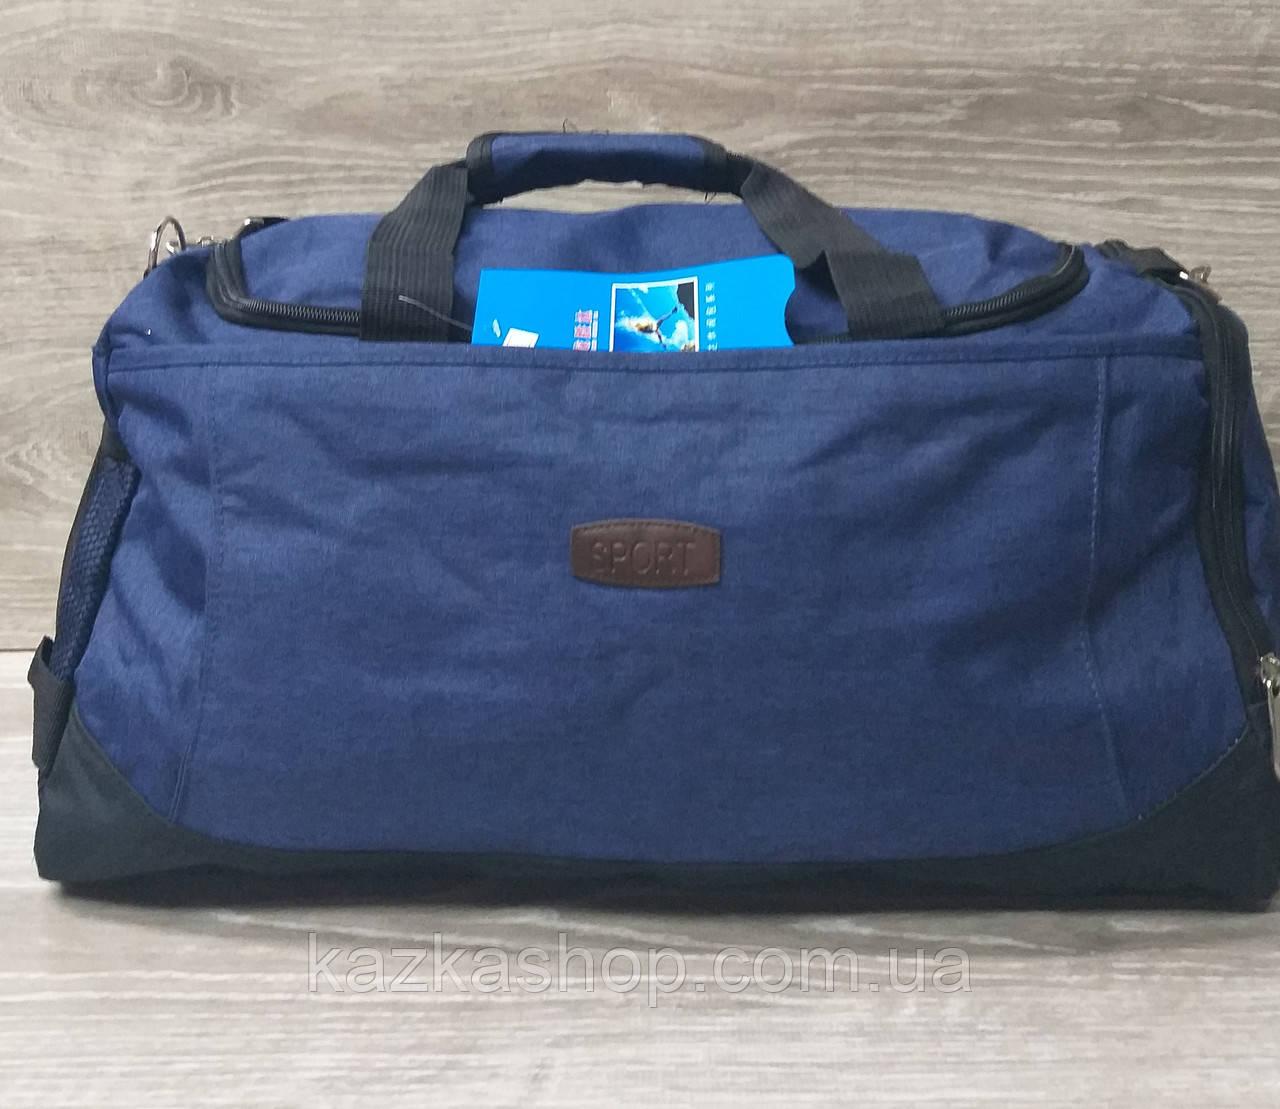 Дорожная сумка хорошего качества, среднего размера 50х25х20 см, плотный материал, ножки на дне сумке